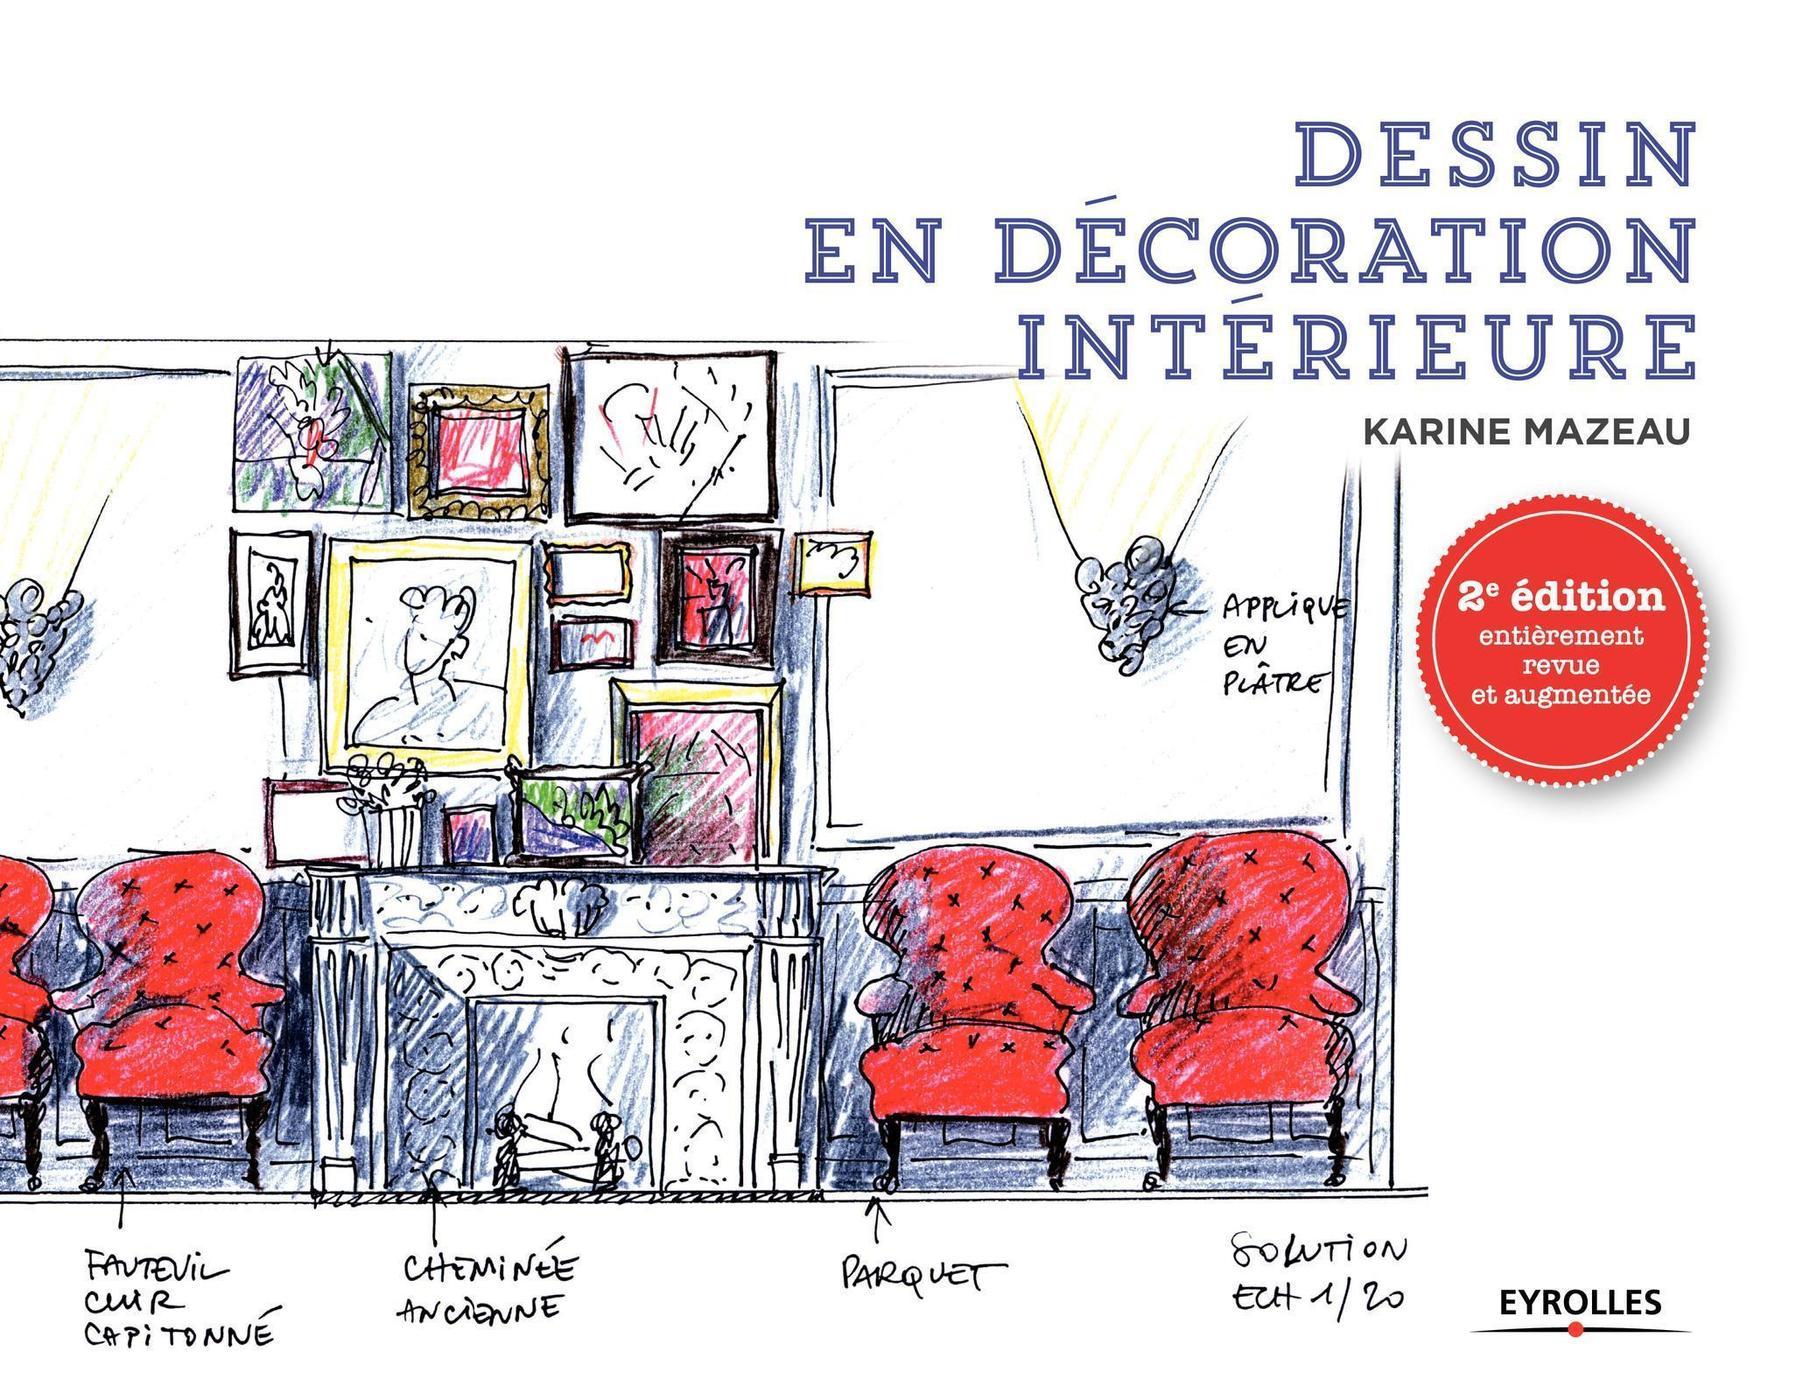 Site Internet Decoration Intérieure dessin en décoration intérieure - k.mazeau - 2ème édition - librairie  eyrolles